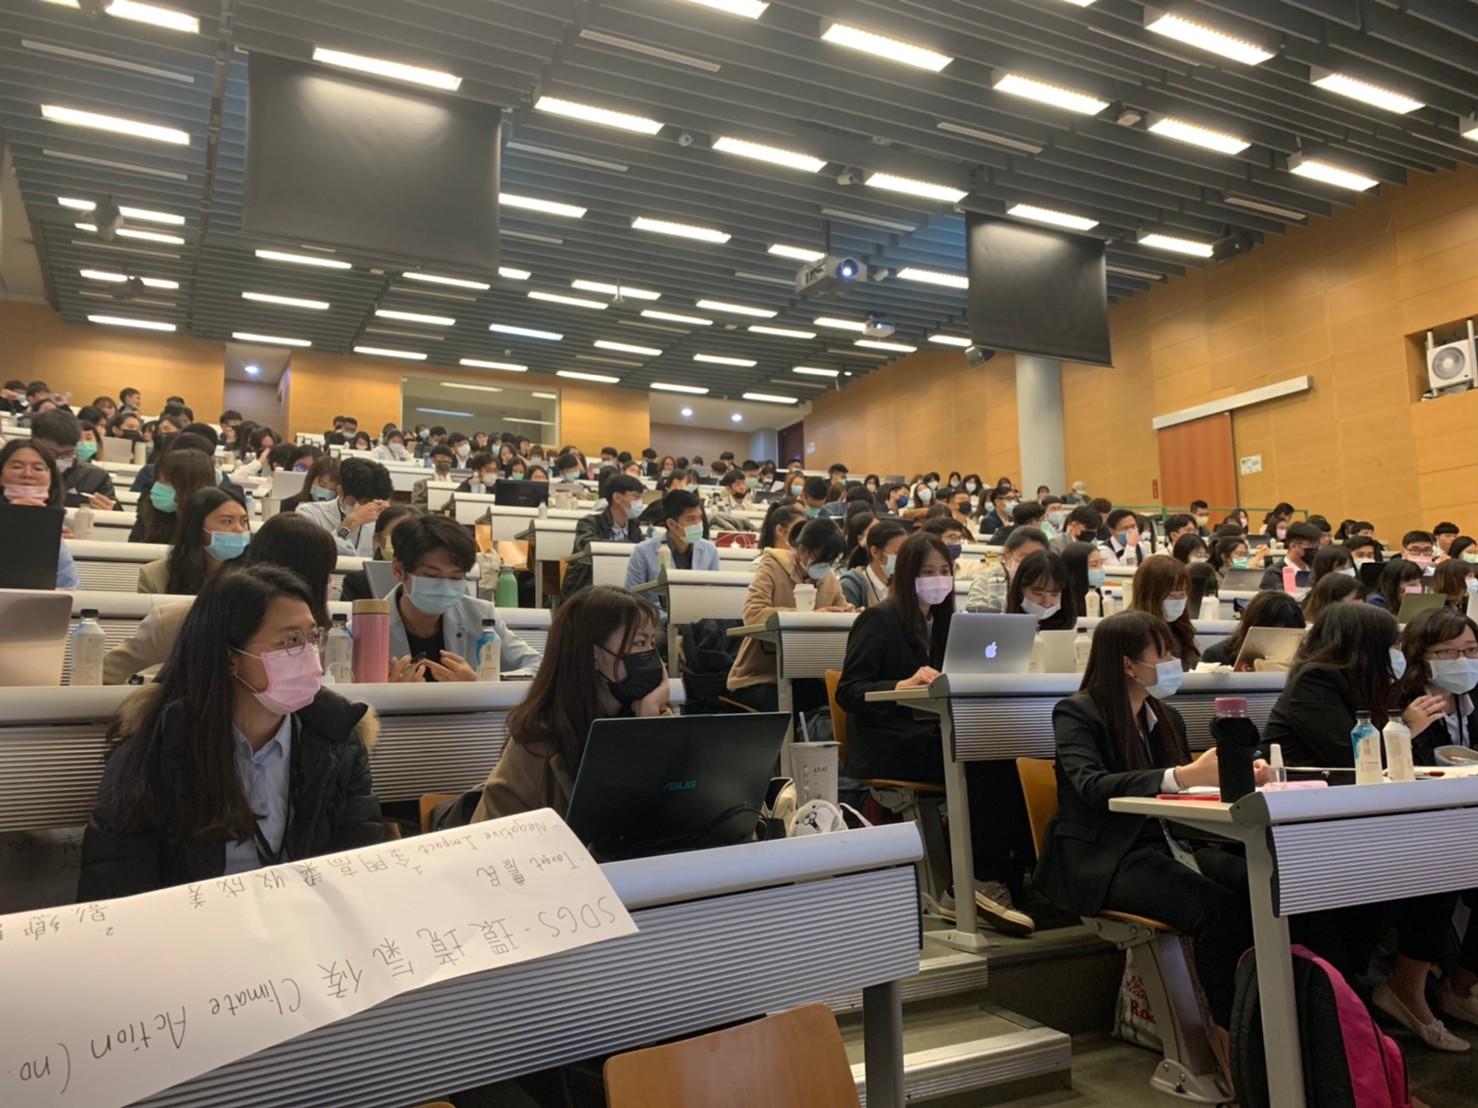 【活動紀錄|3/6 ATCC商業競賽議題Workshop:具商業模式的社會創新】